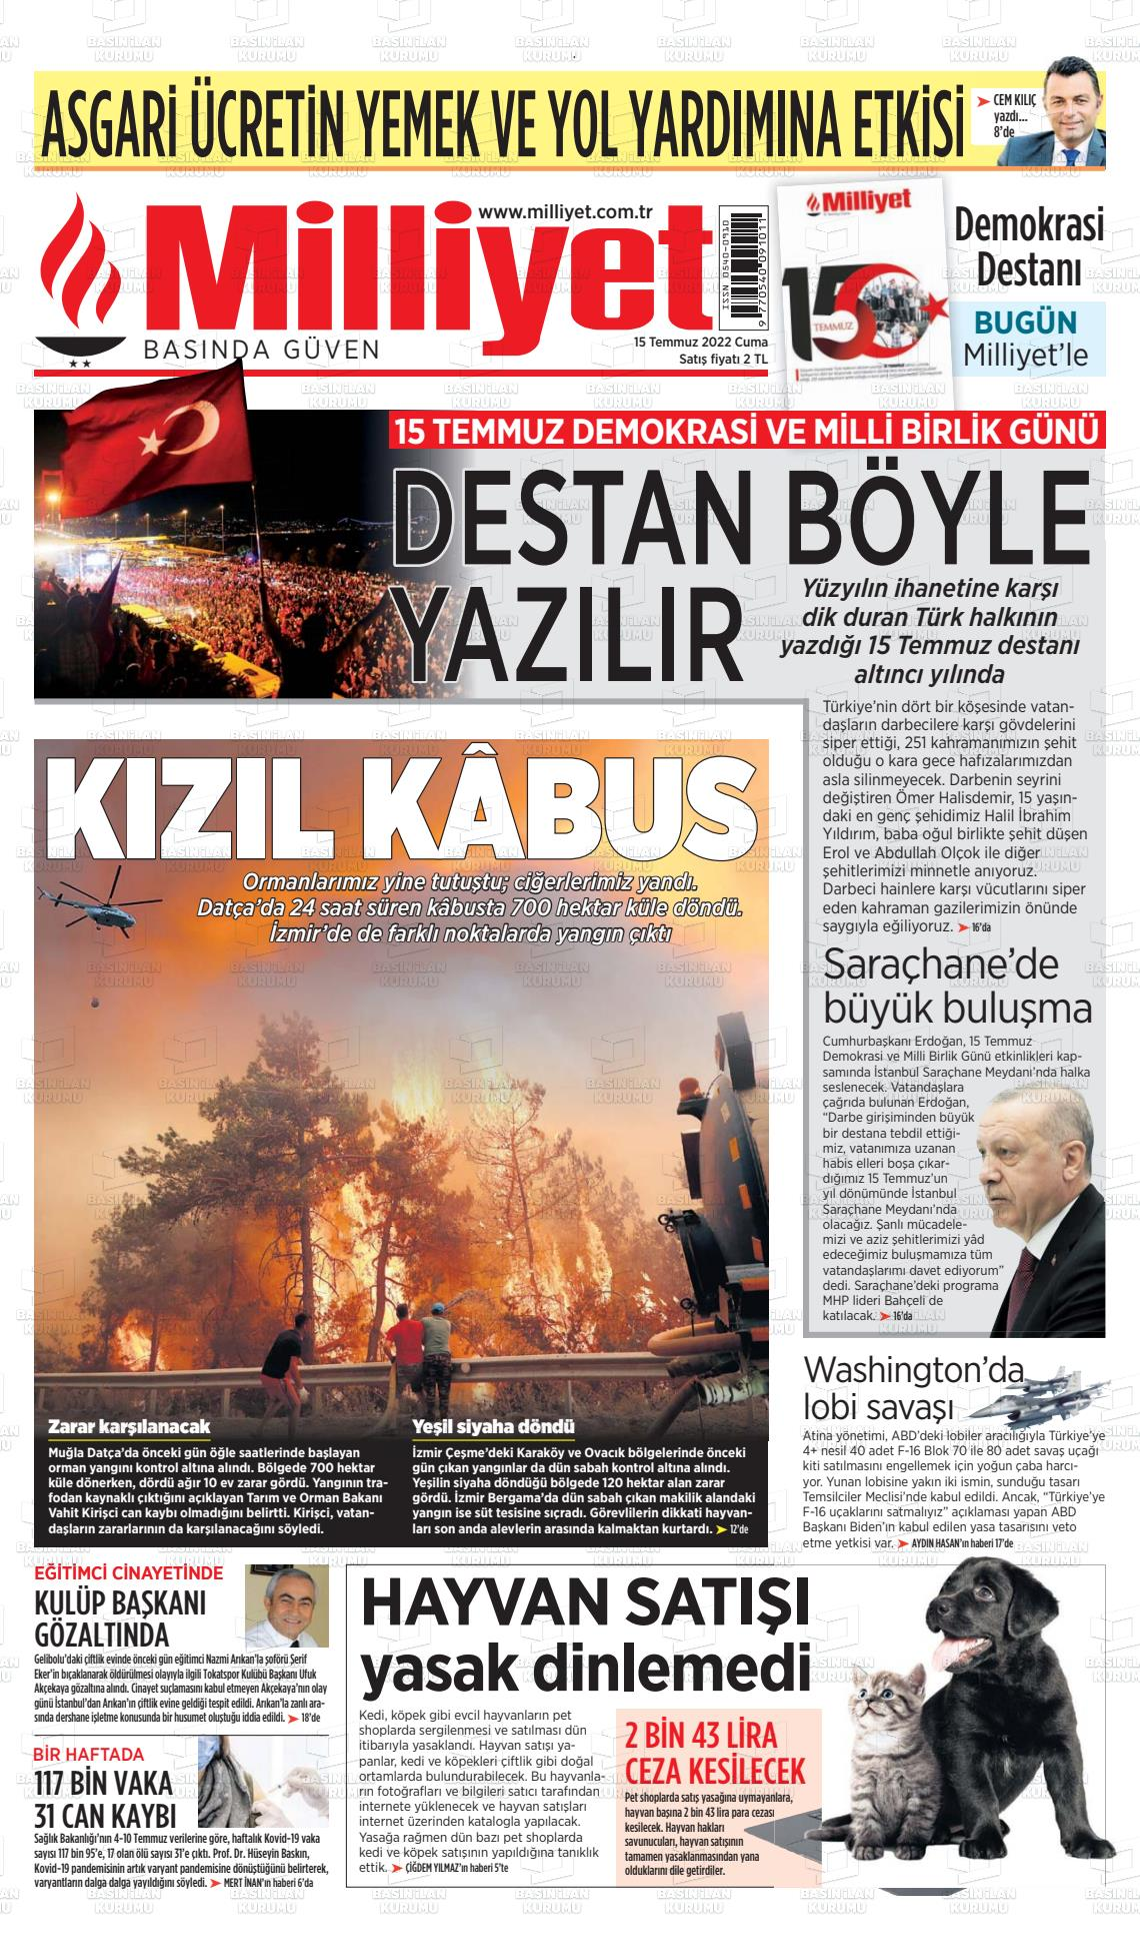 Milliyet Gazetesi - Çay TV Haber